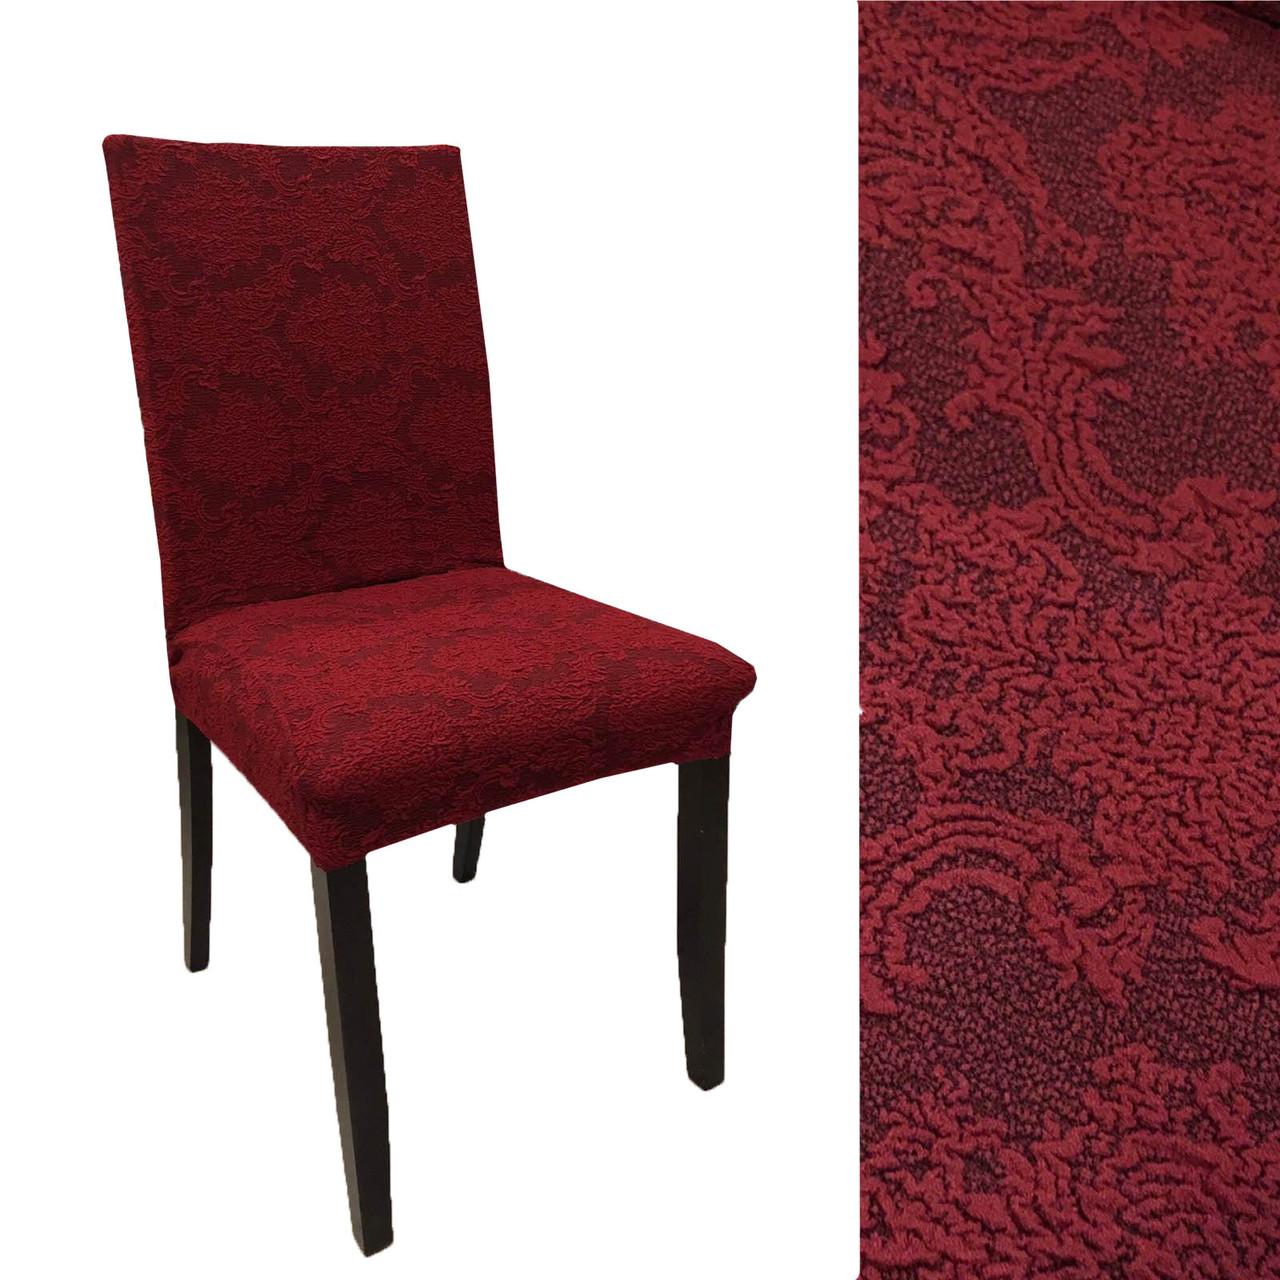 Жаккардовый чехол на стул бордового цвета Универсальный размер